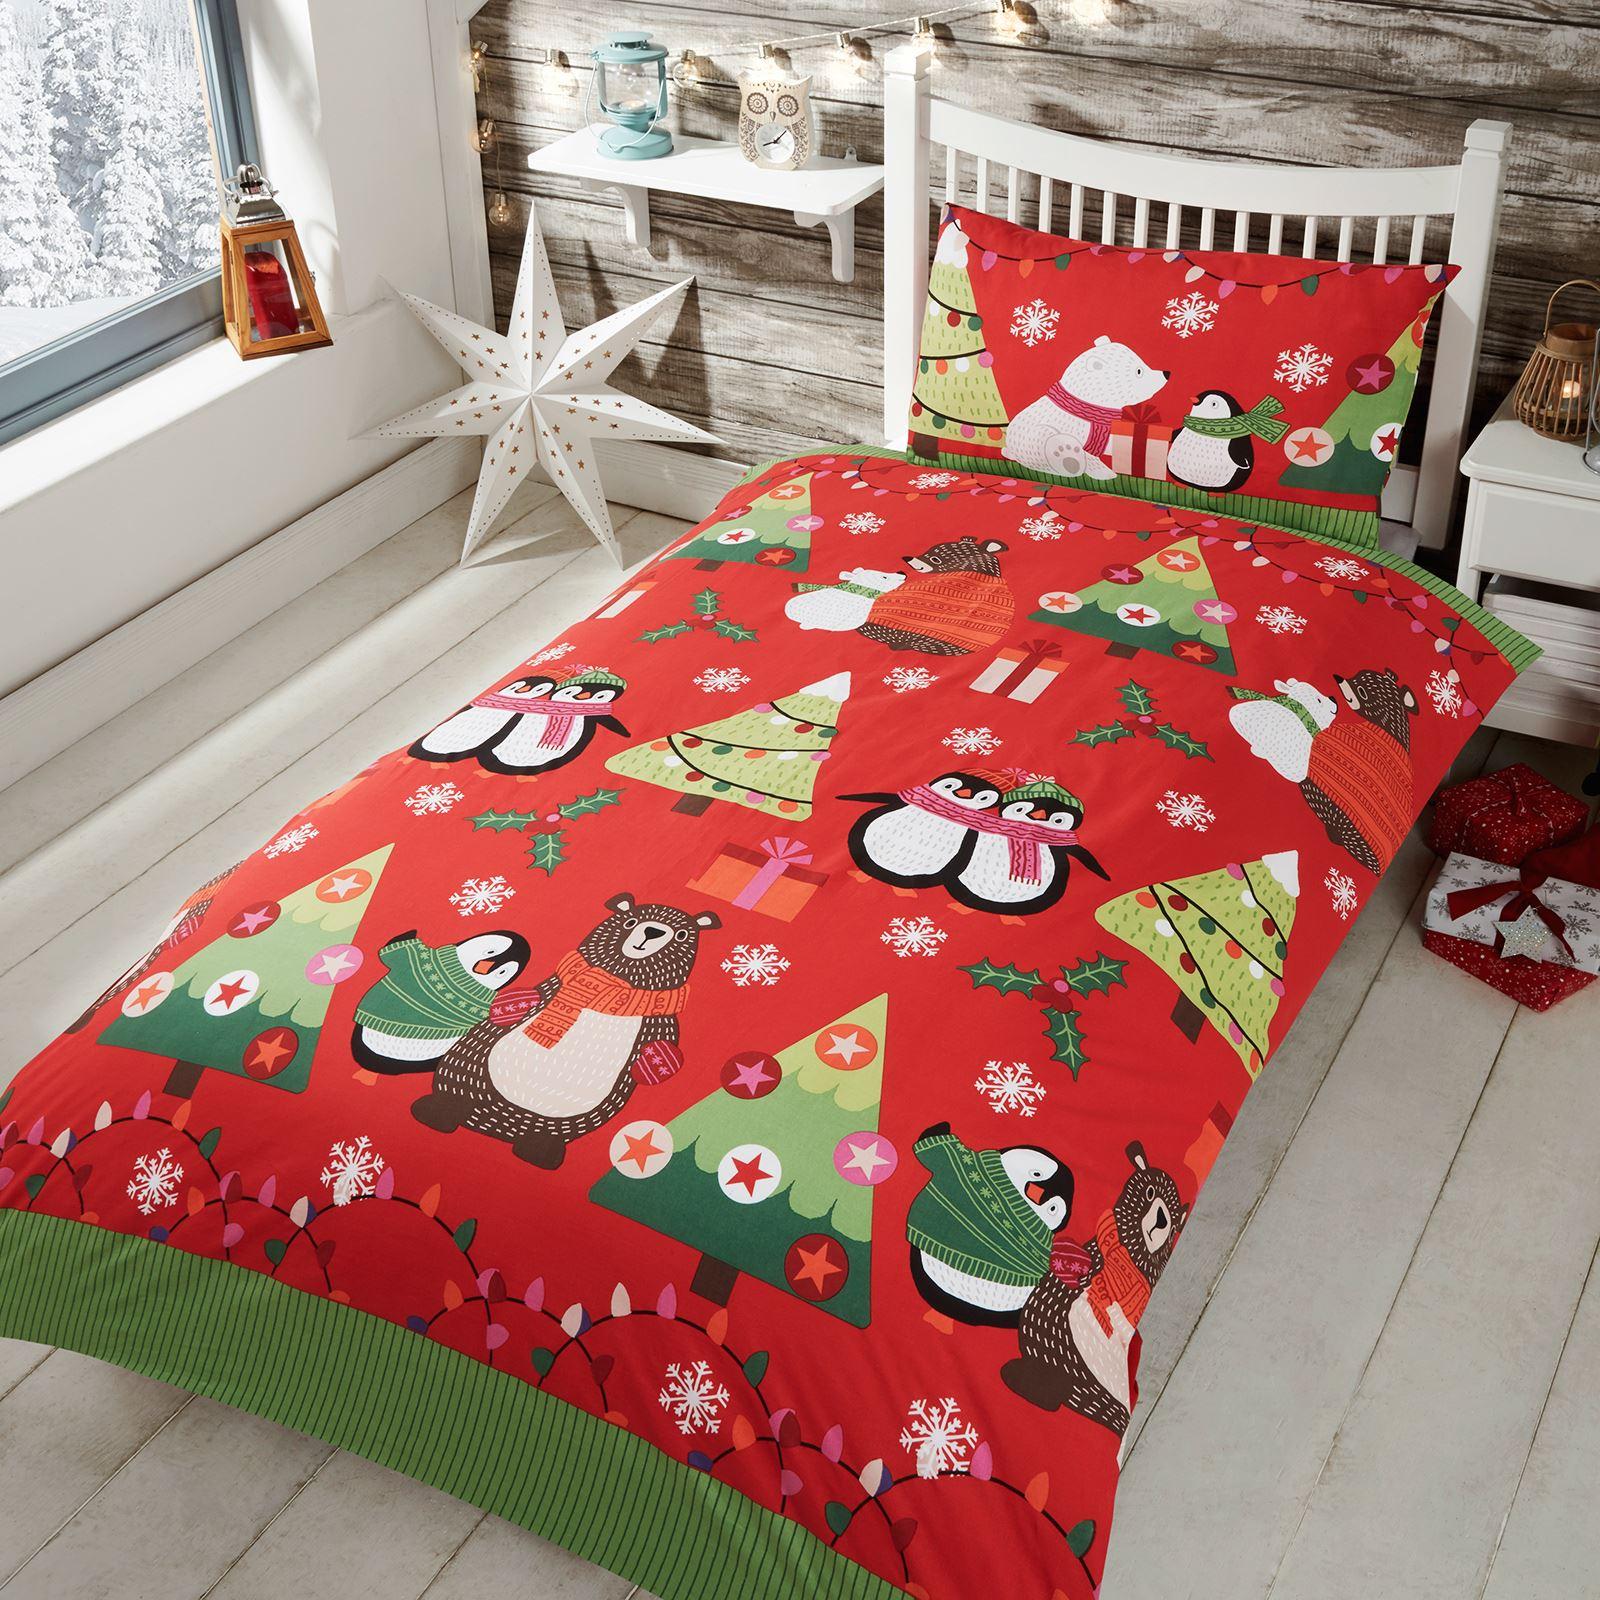 Indexbild 99 - Kinder Weihnachten Bettbezug Sets - Junior Einzel Doppel King - Elf Emoji Grinch